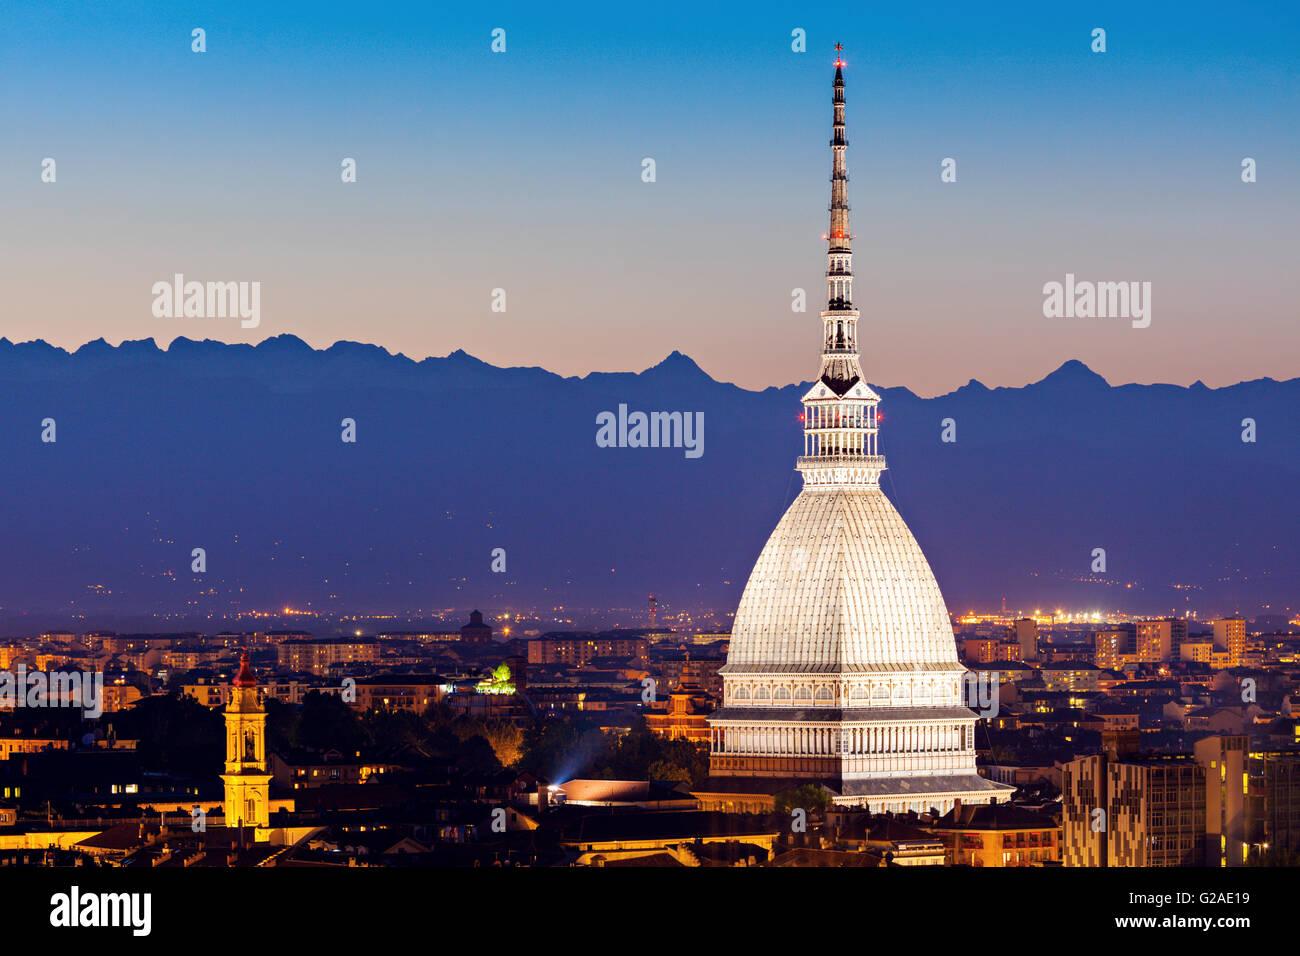 Skyline of Turin, Turin, Piedmont, Italy - Stock Image